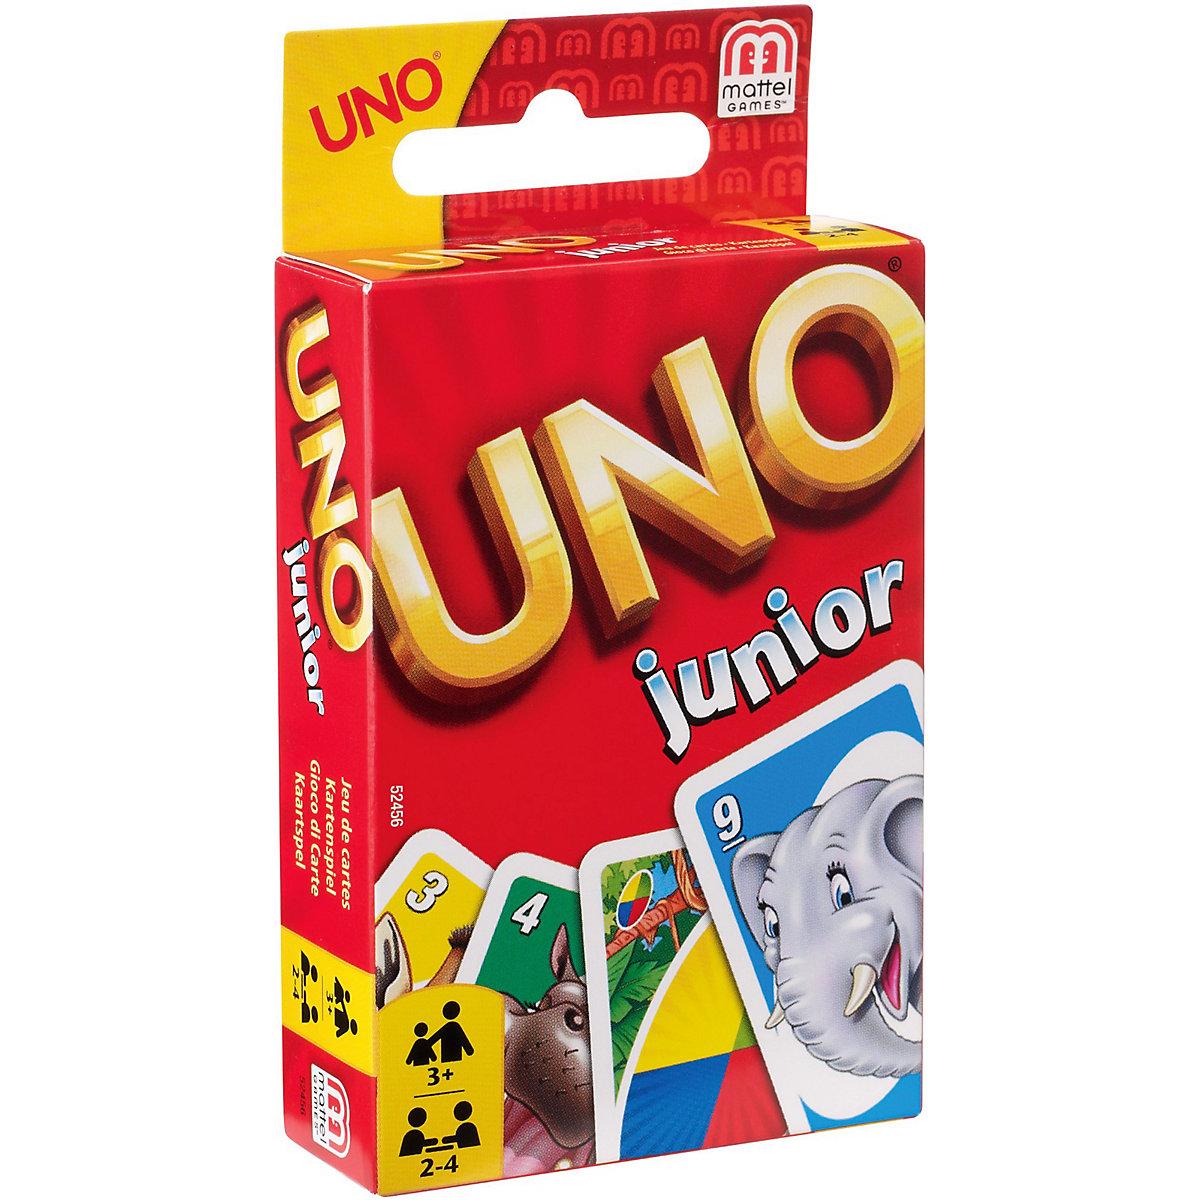 Uno Uno Spiele